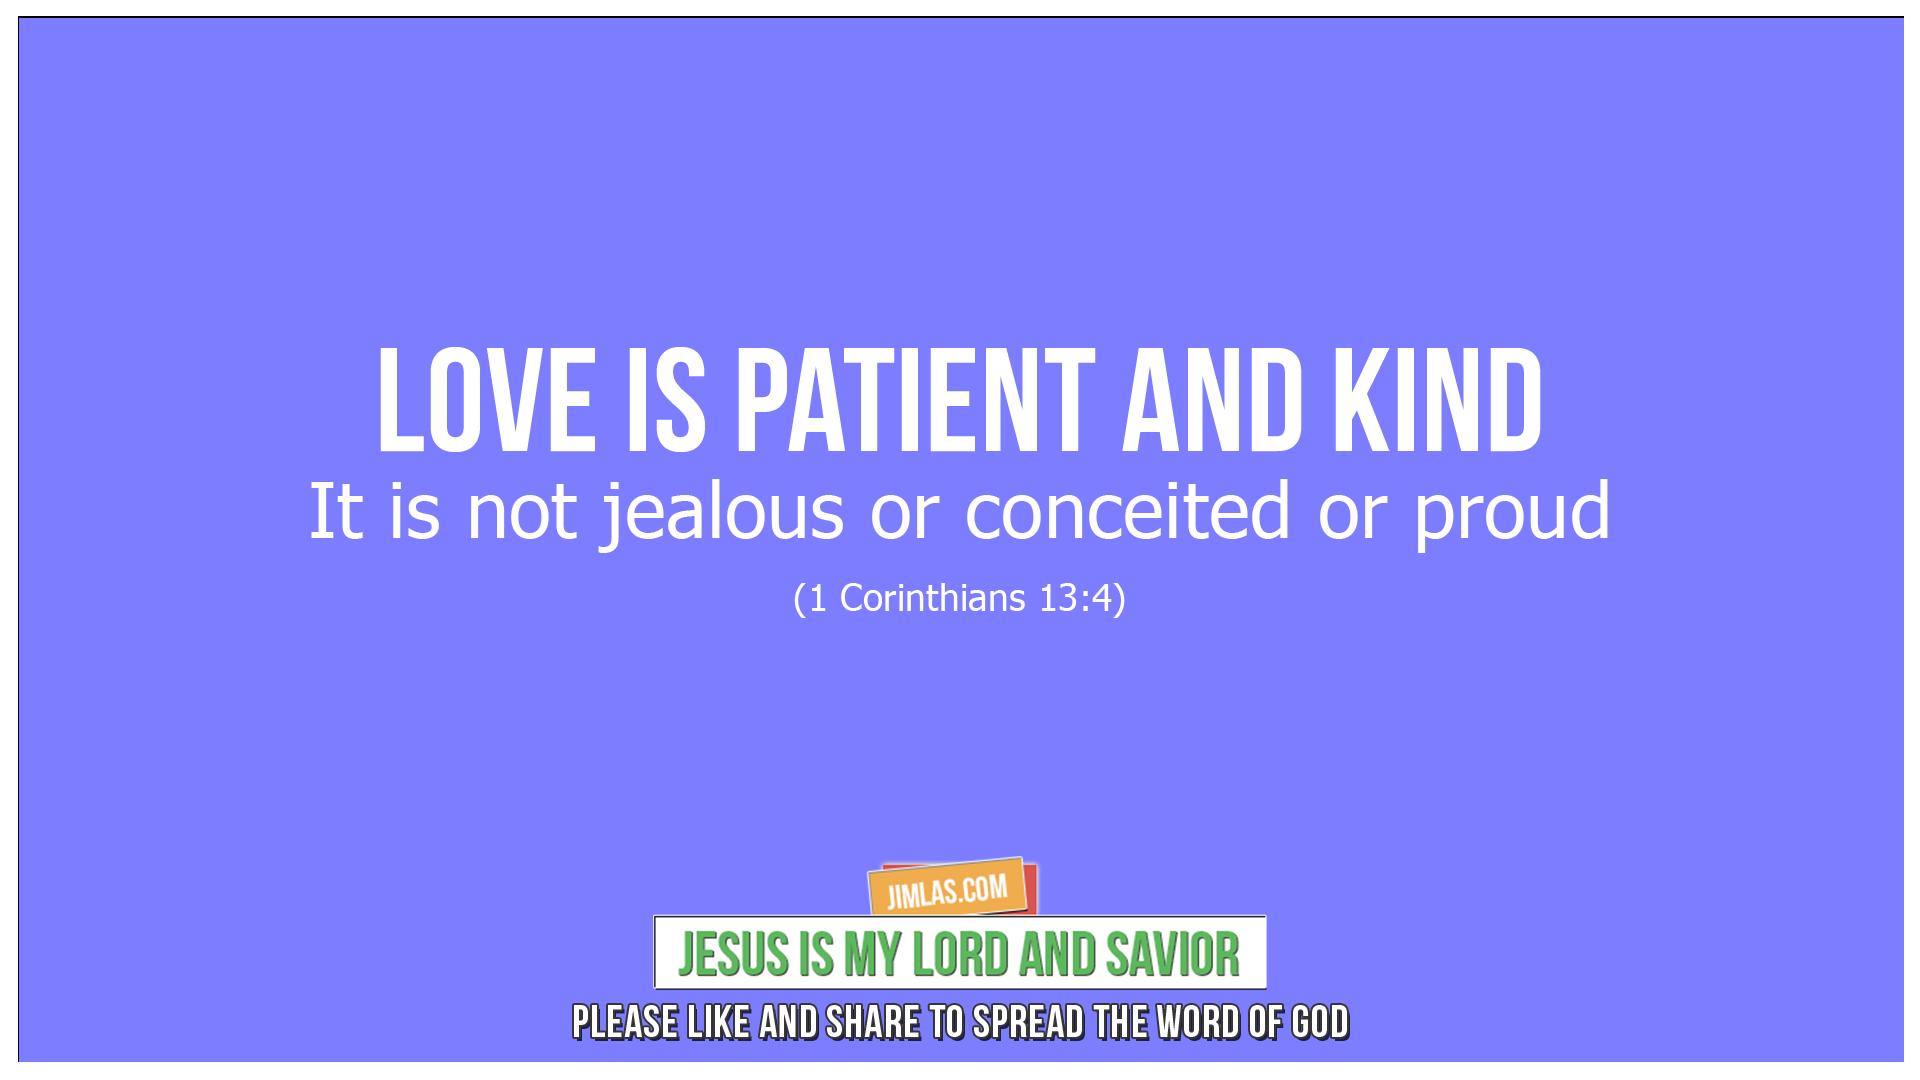 1 corinthians 13 4, 1 Corinthians 13:4